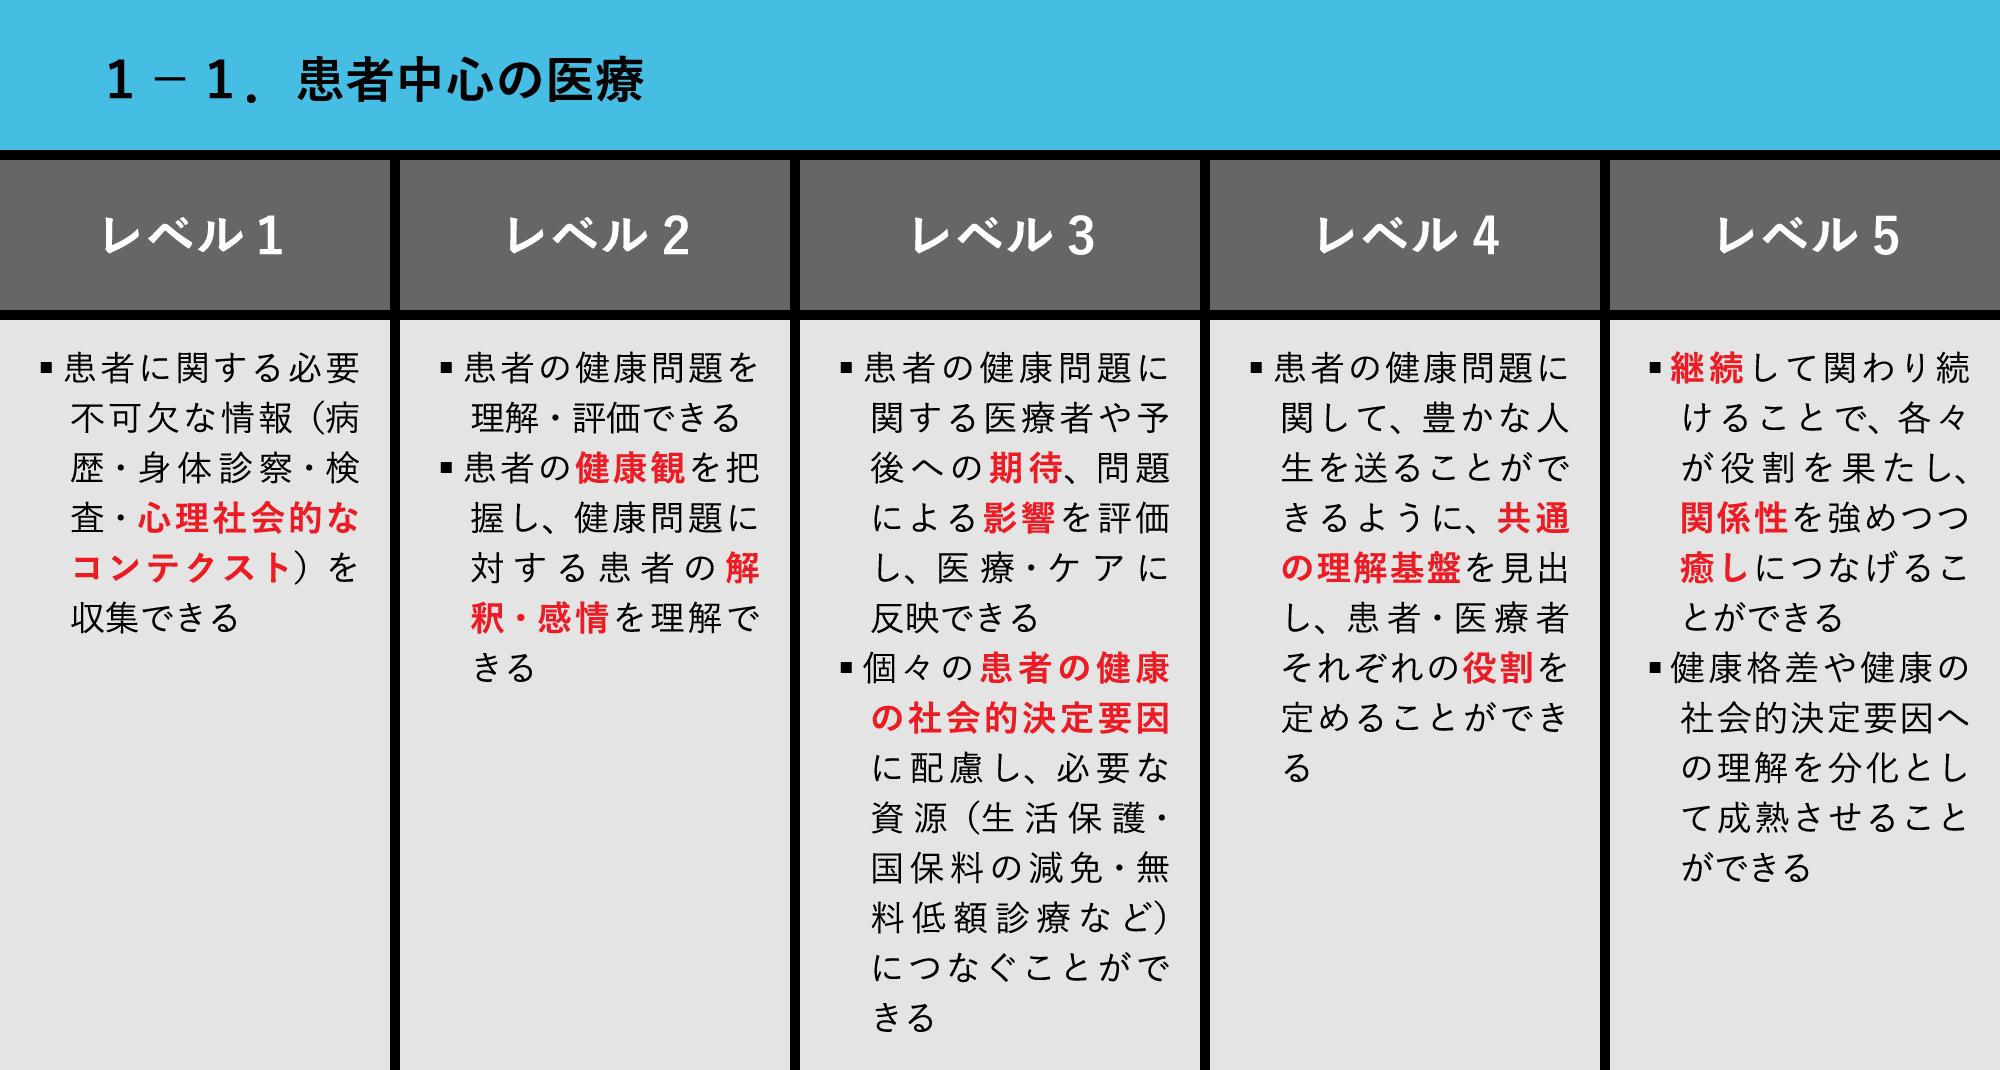 1-1.患者中心の医療